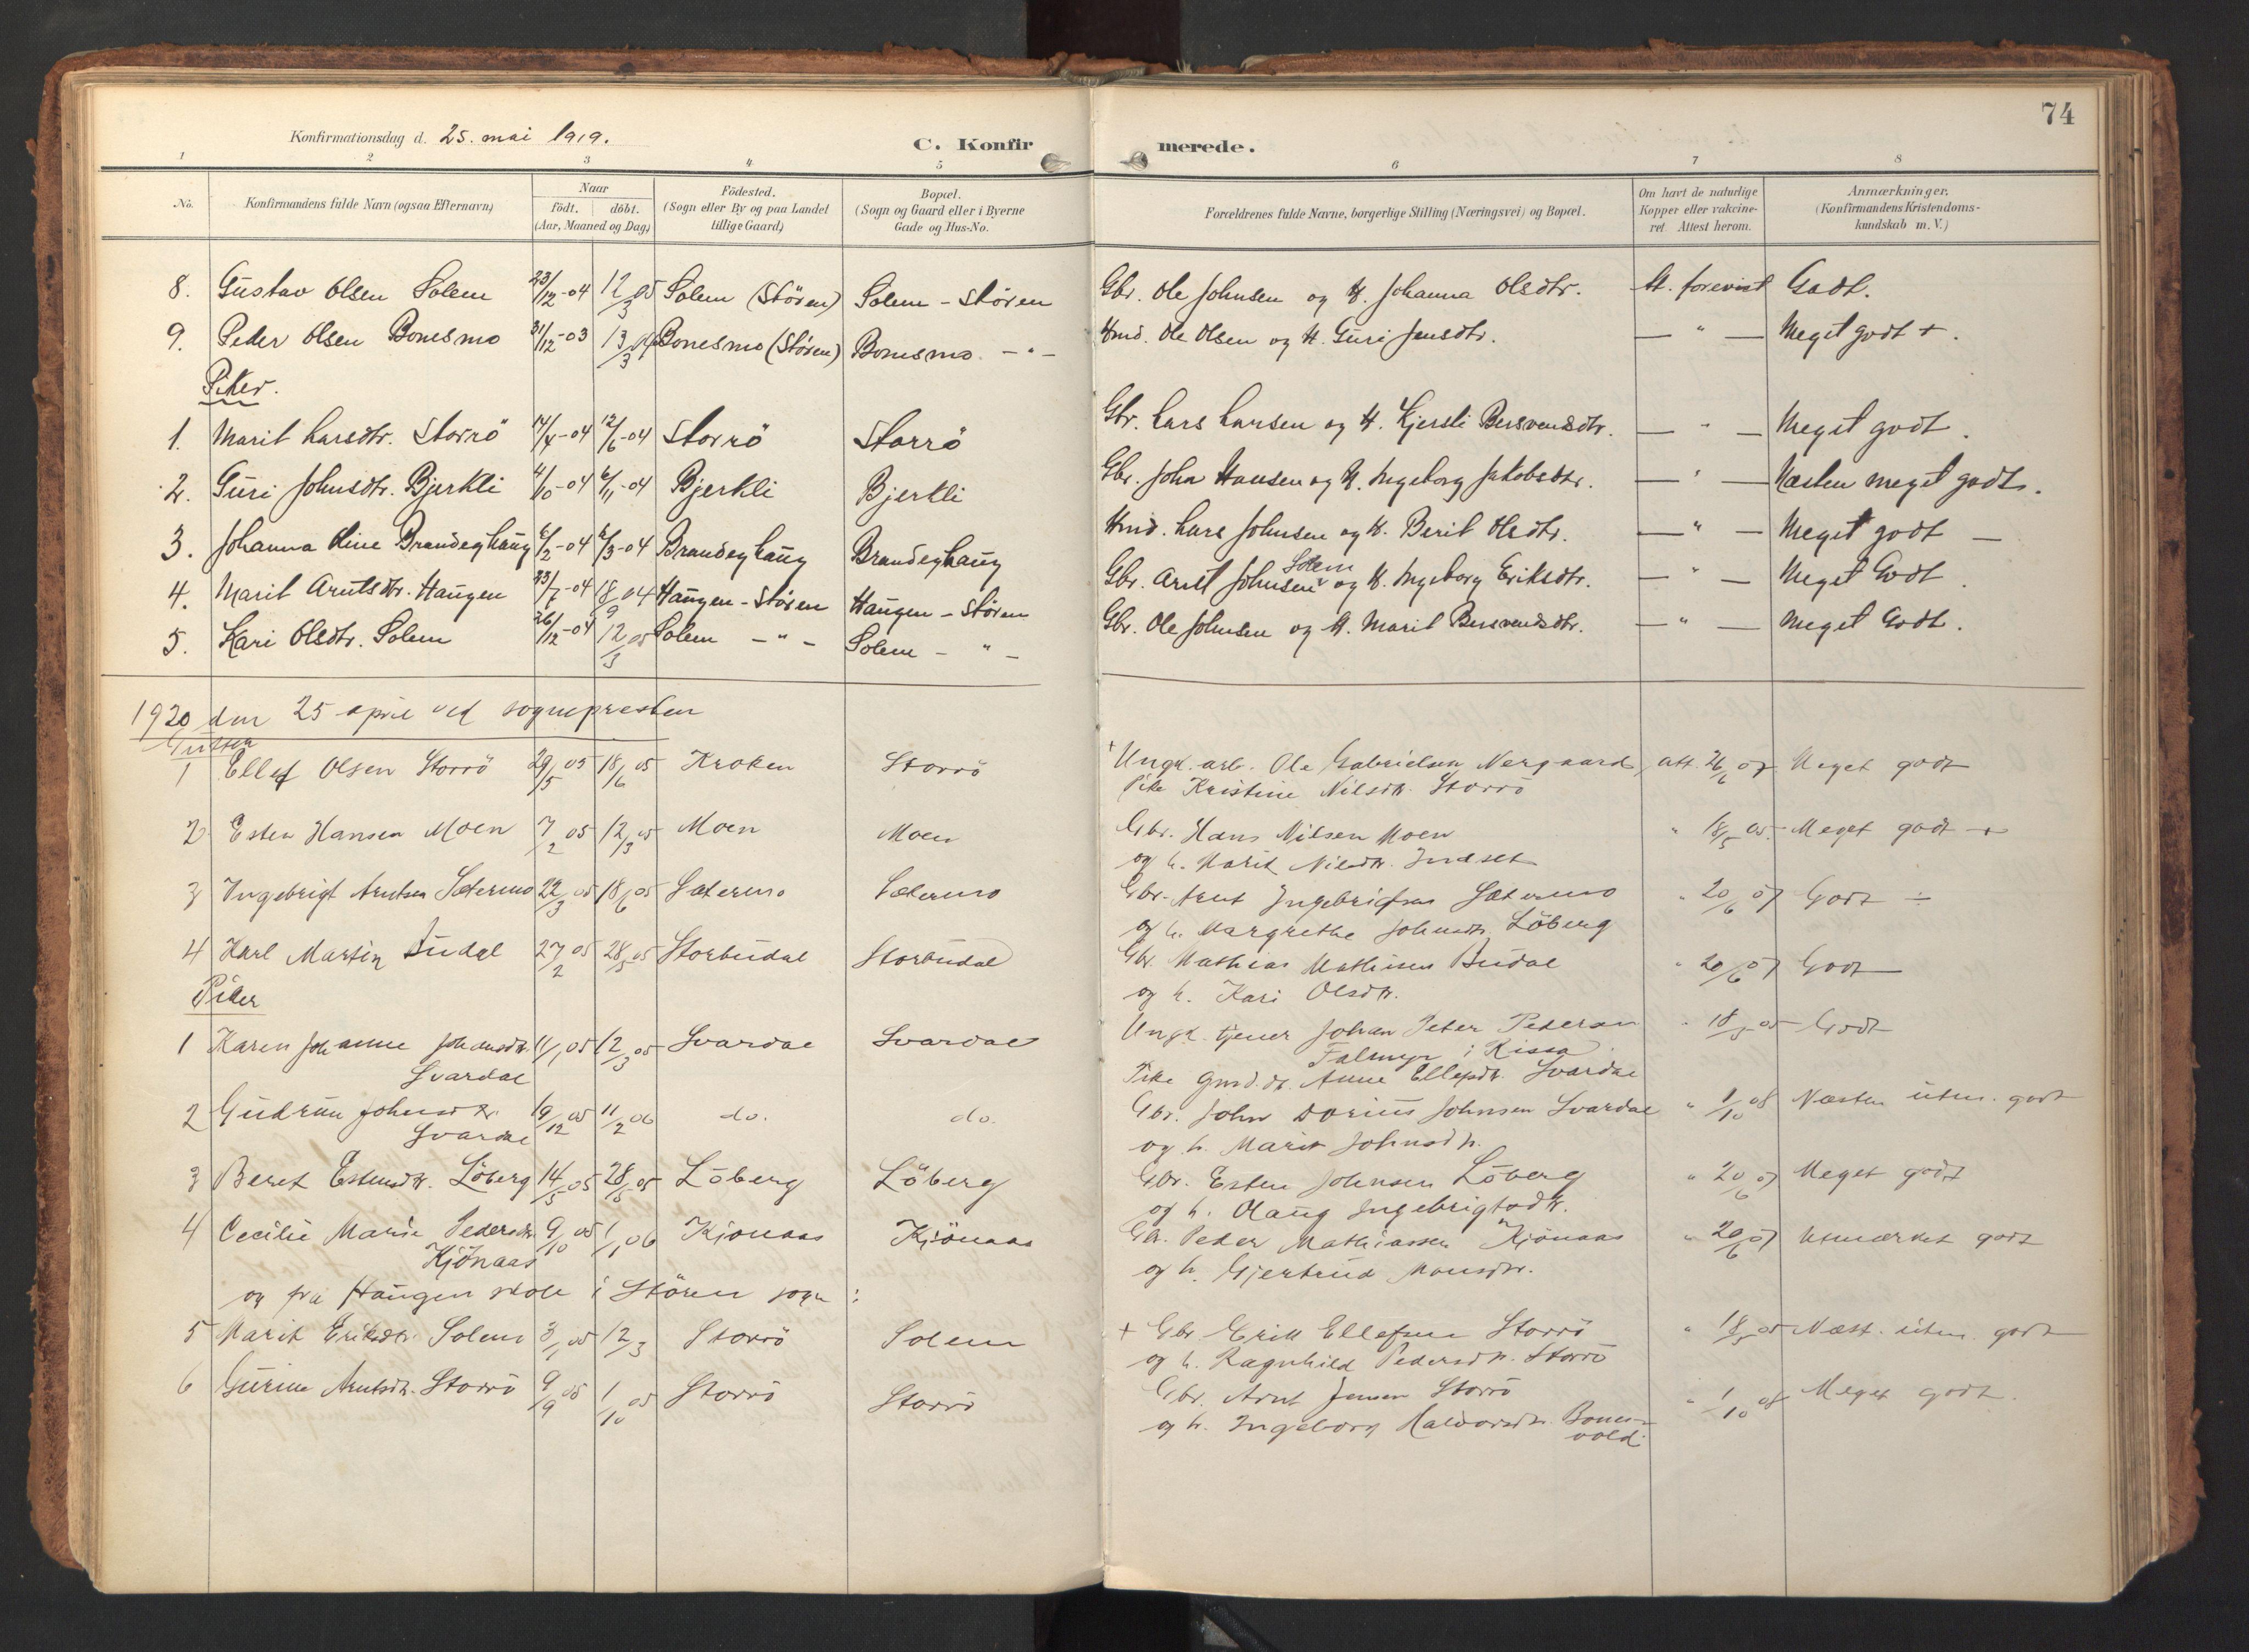 SAT, Ministerialprotokoller, klokkerbøker og fødselsregistre - Sør-Trøndelag, 690/L1050: Ministerialbok nr. 690A01, 1889-1929, s. 74